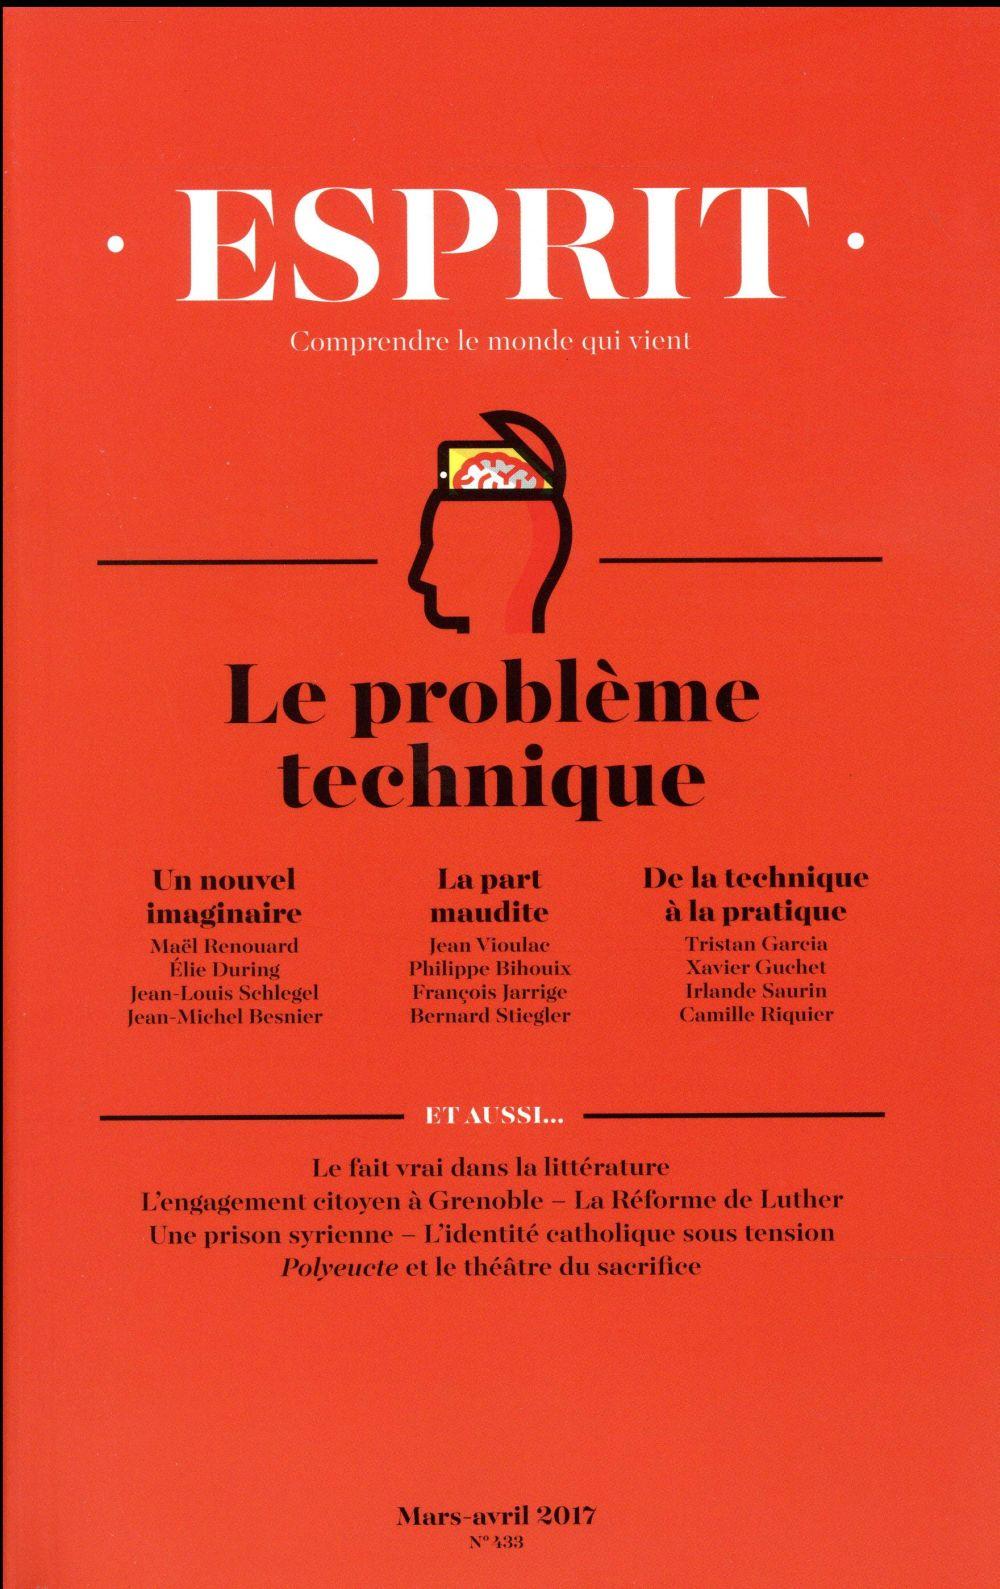 ESPRIT 03-04/2017 : LE PROBLEME TECHNIQUE